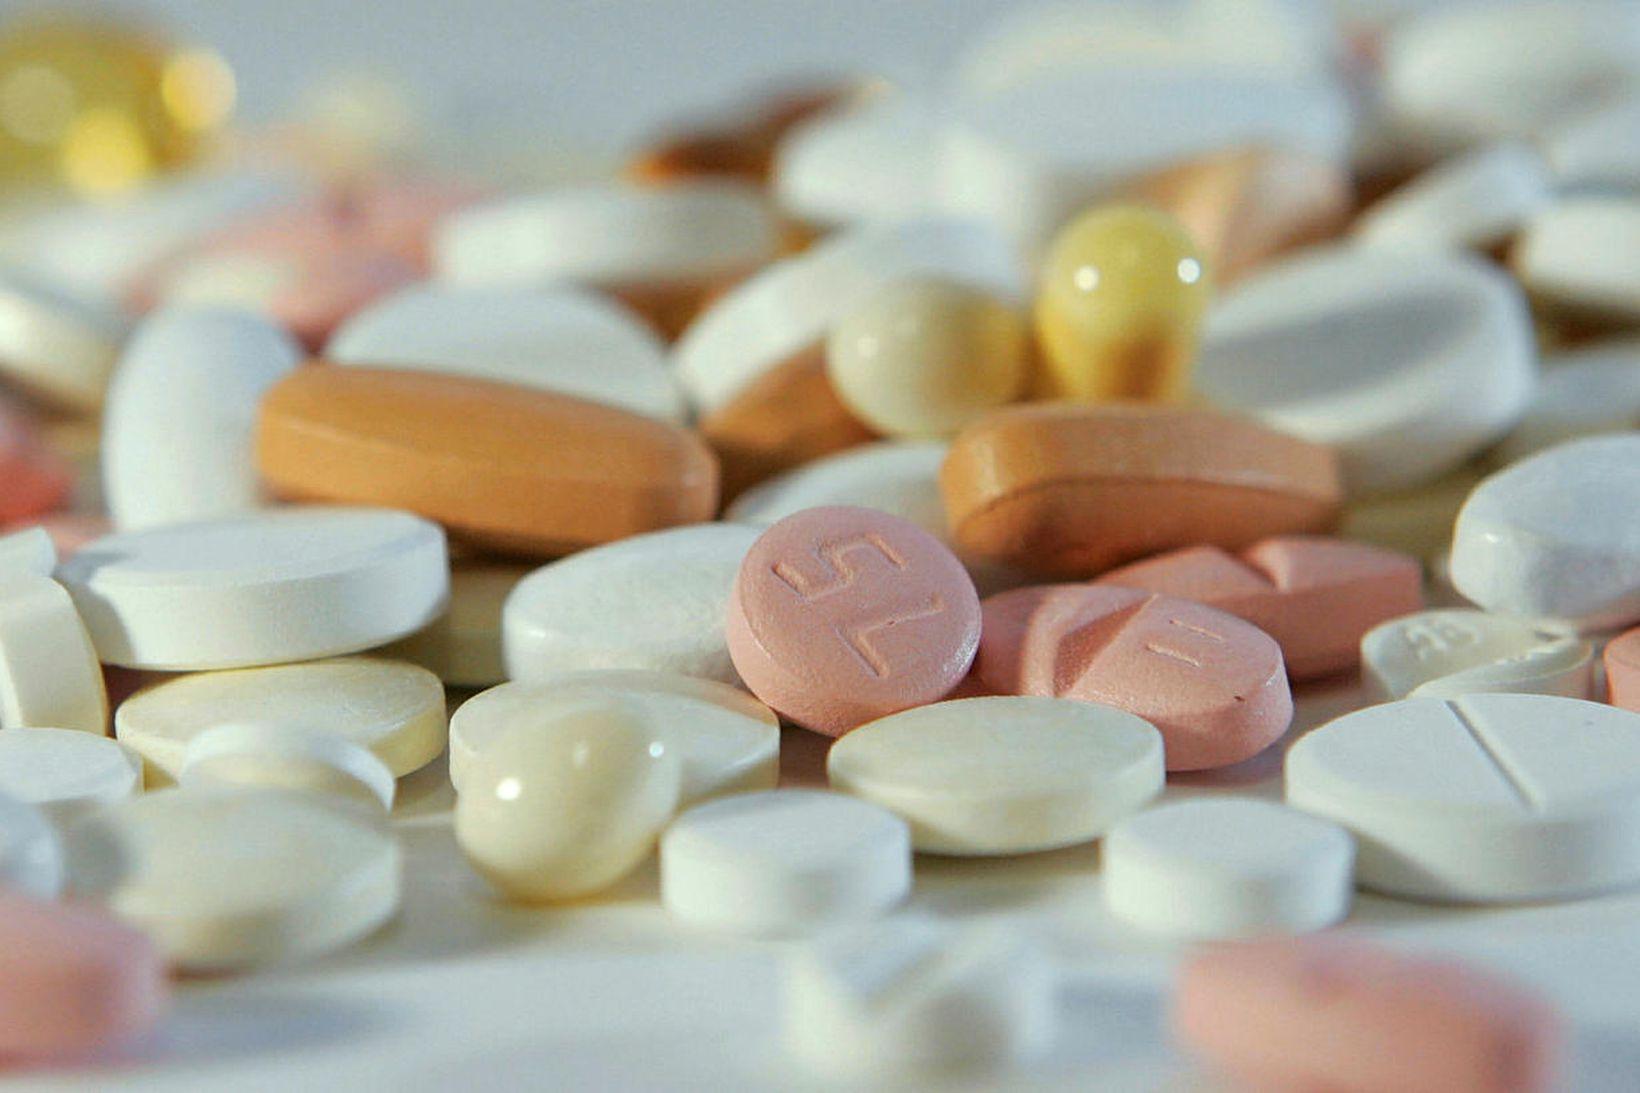 Árið 2010 fengu 3% af yngri en 18 ára ADHD-lyf. …